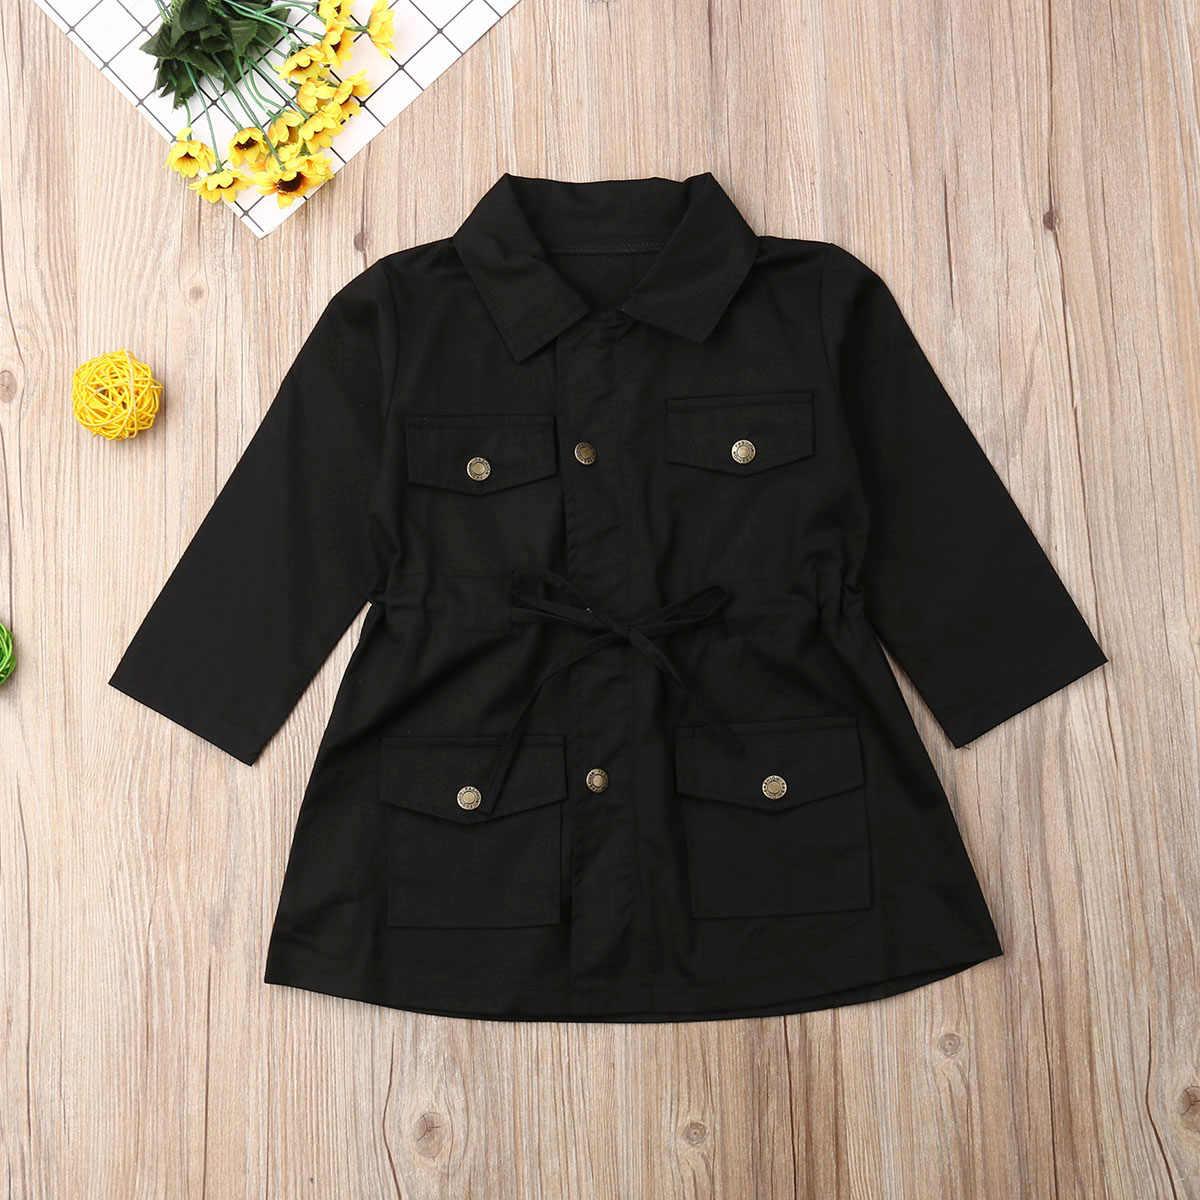 2020 אופנה תינוקות תינוק בנות בני ילדי מעיל מעיל מוצק יחיד חזה מעיל סתיו חורף חם ילדי חולצות 2-7Y